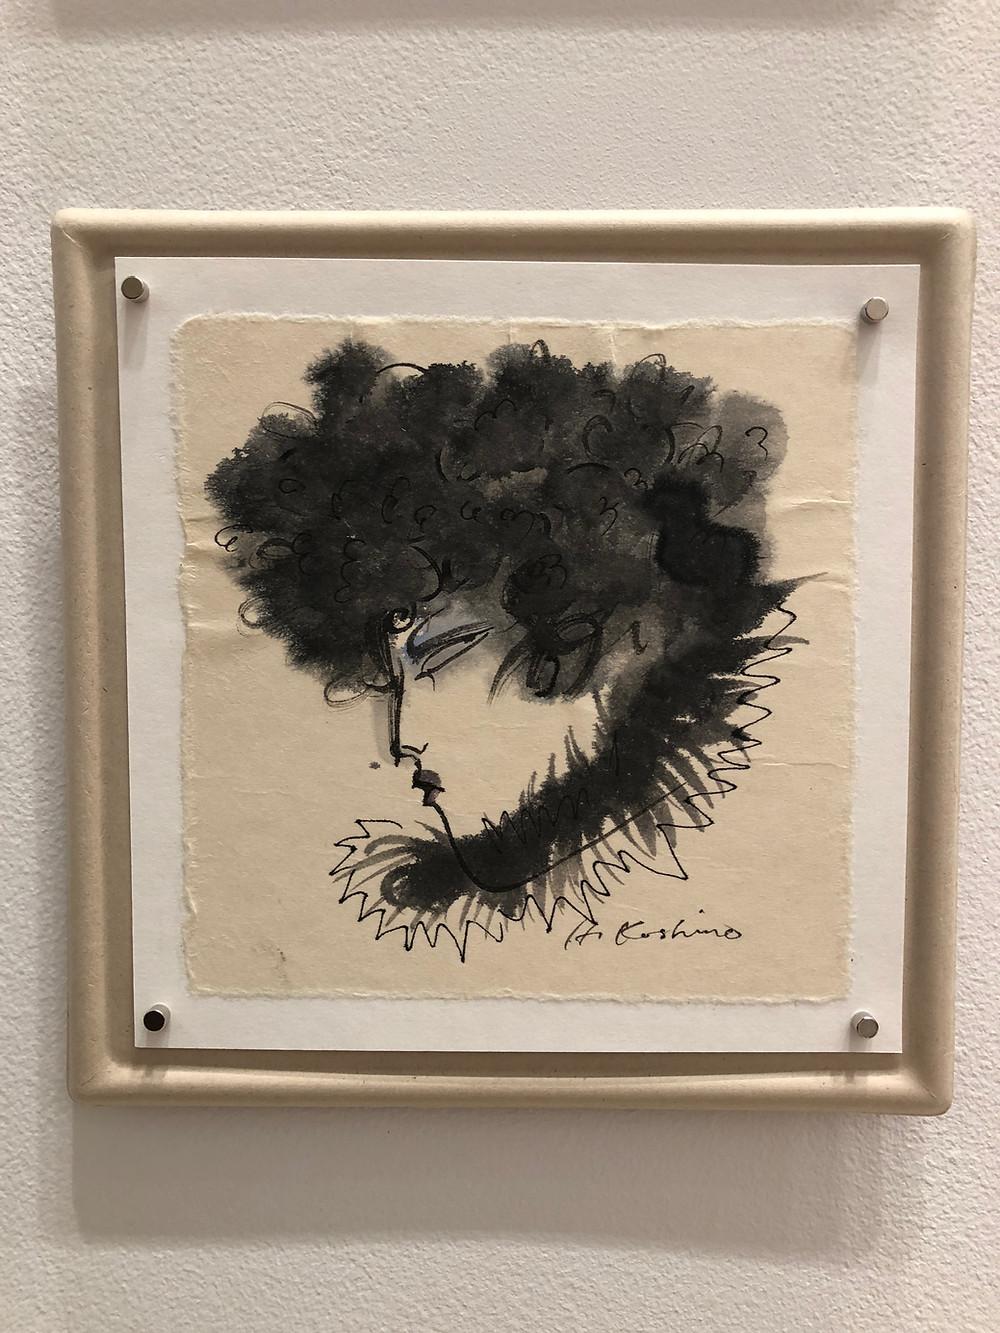 コシノヒロコが描く、女性のまなざし。銀座KHギャラリーにて。インテリアコーディネーターのブログ。